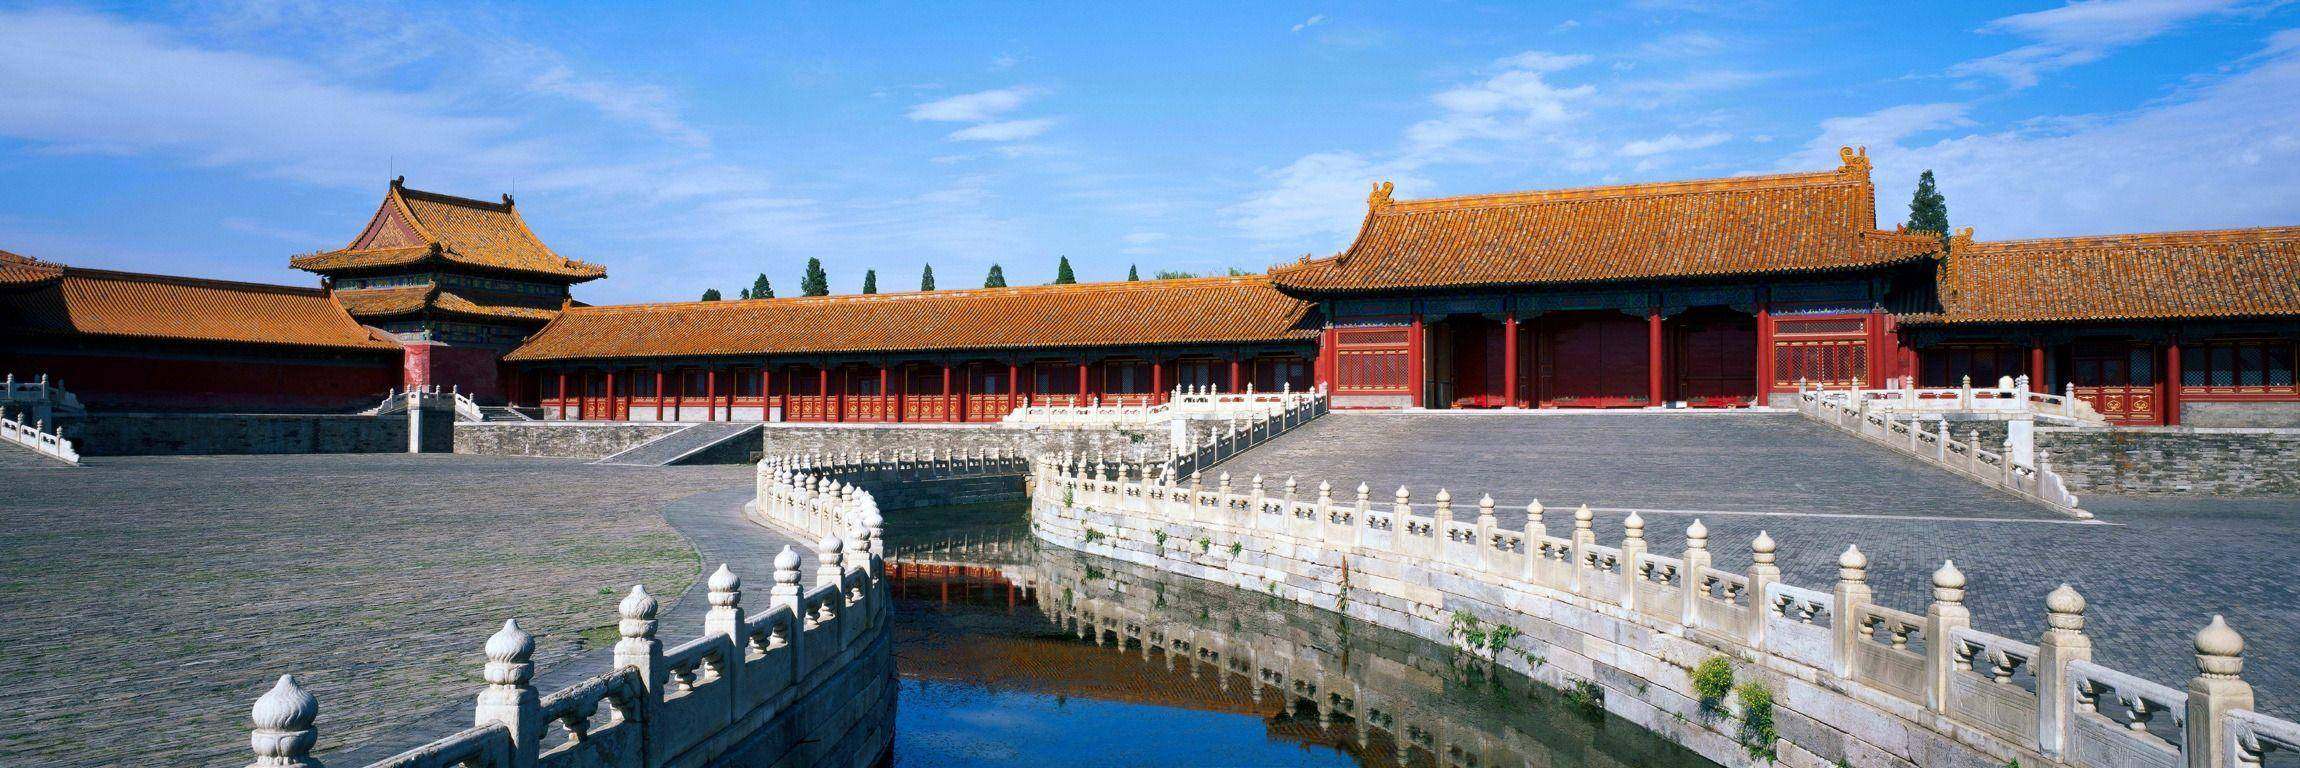 Запретный город в пекине - полная информация для туристов